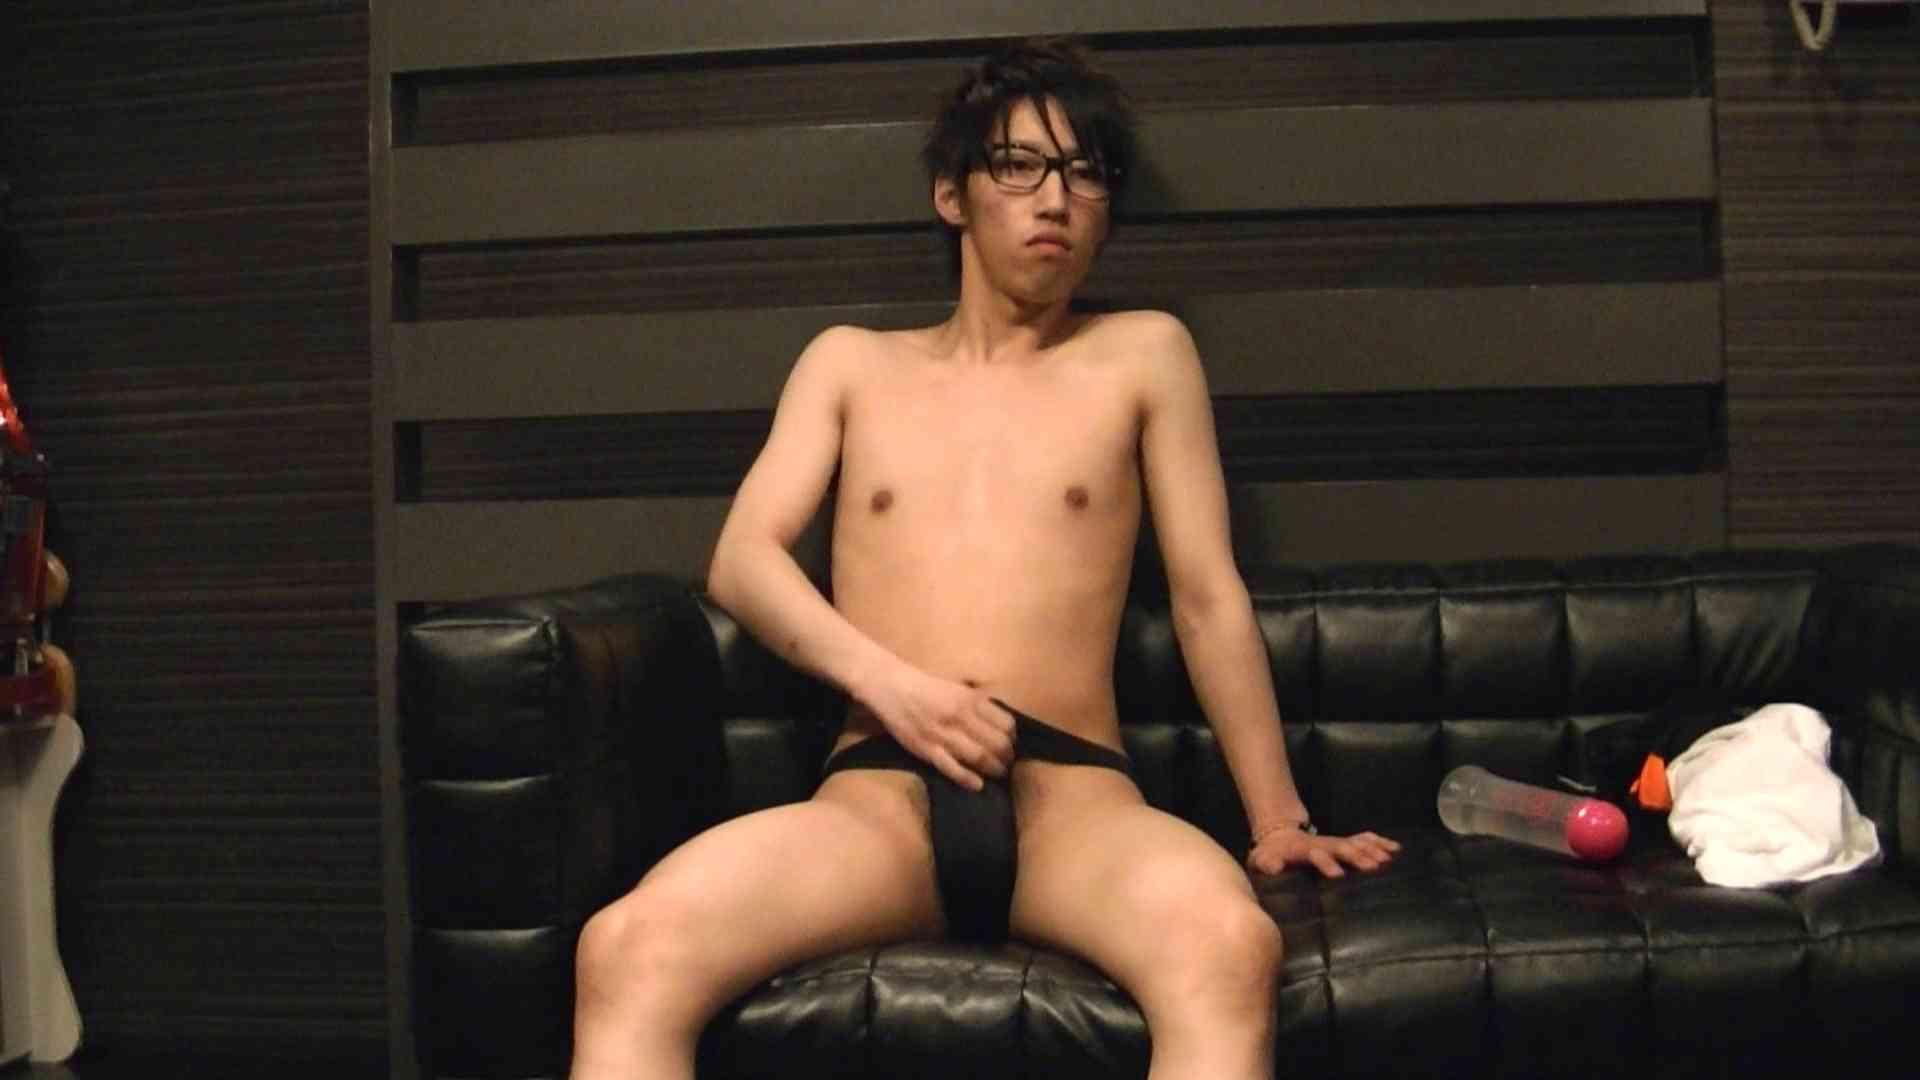 Mr.オナックスさん投稿!HD 貴方のオナニー三万円で撮影させてください。VOL.04 投稿 | 完全無修正でお届け  70pic 25